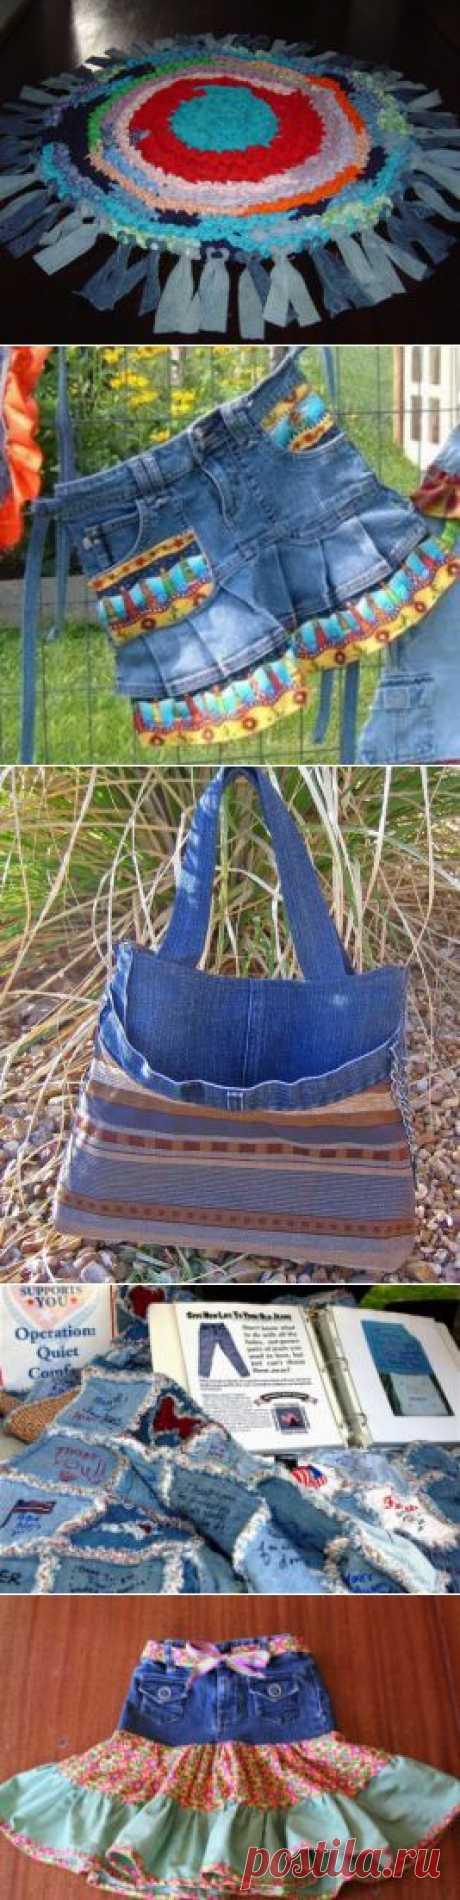 Из старых джинсов: несколько идей для вдохновения | Своими руками